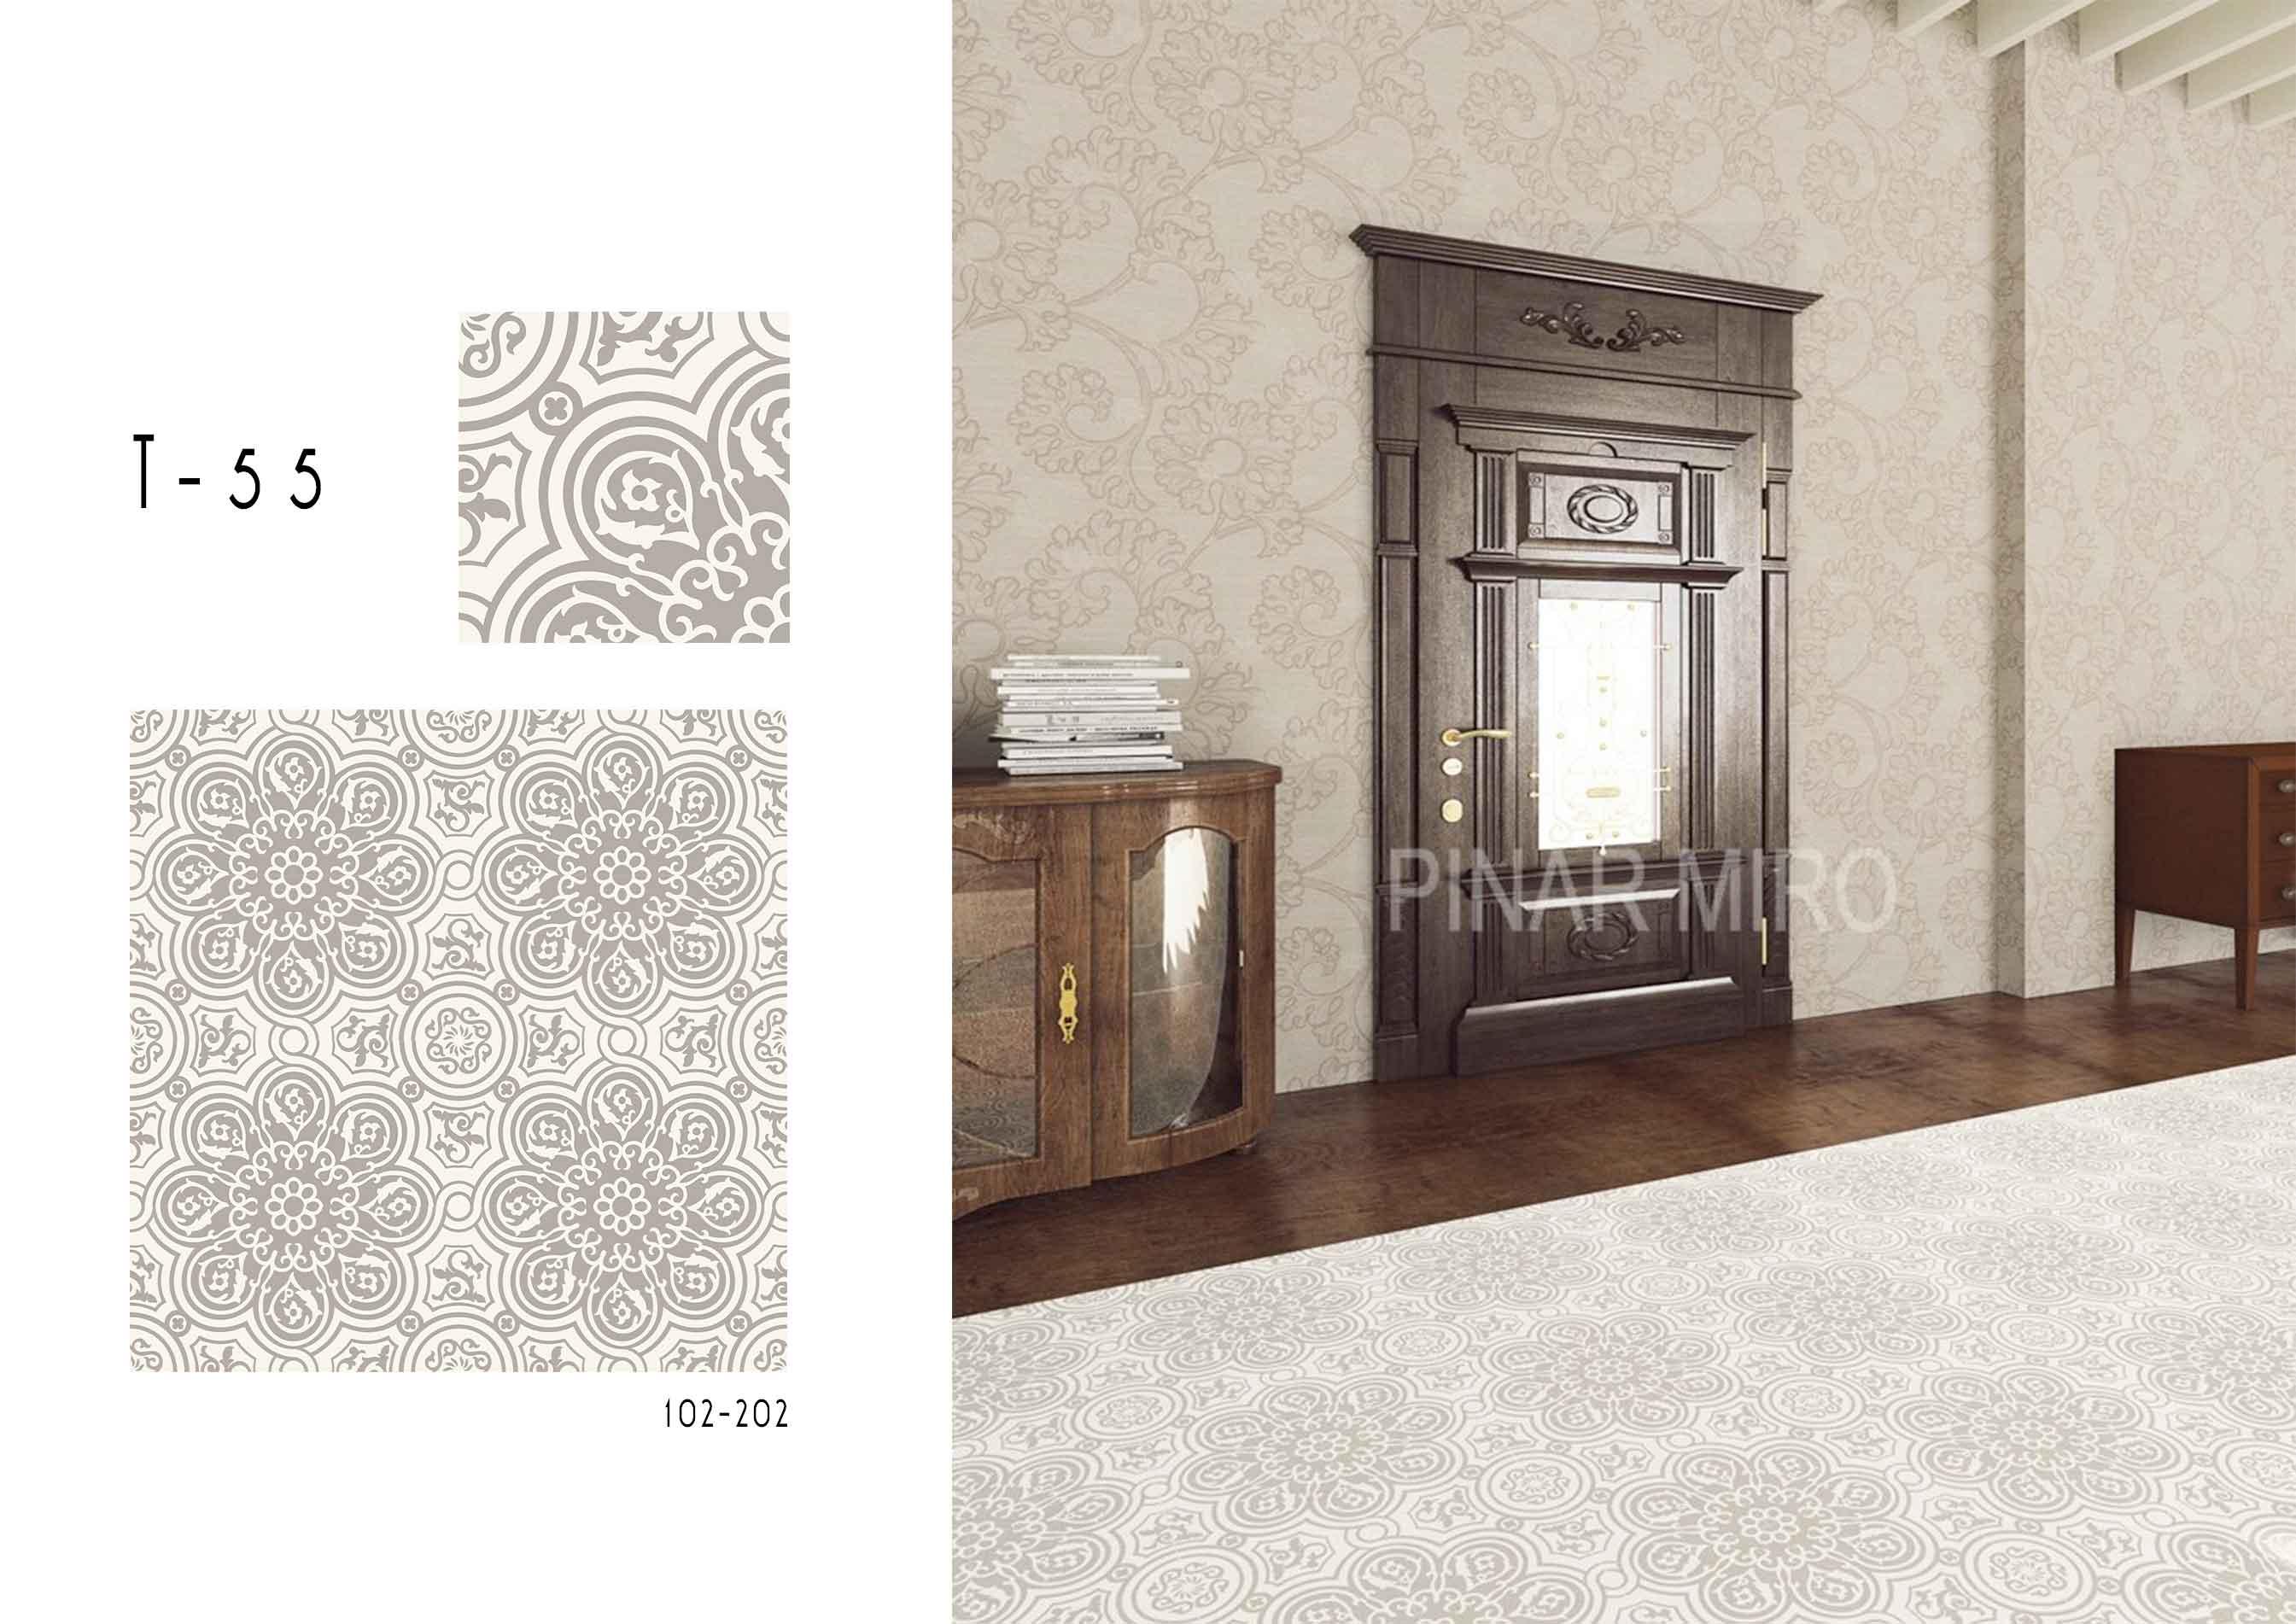 1t055-pinar-miro-cement-tiles